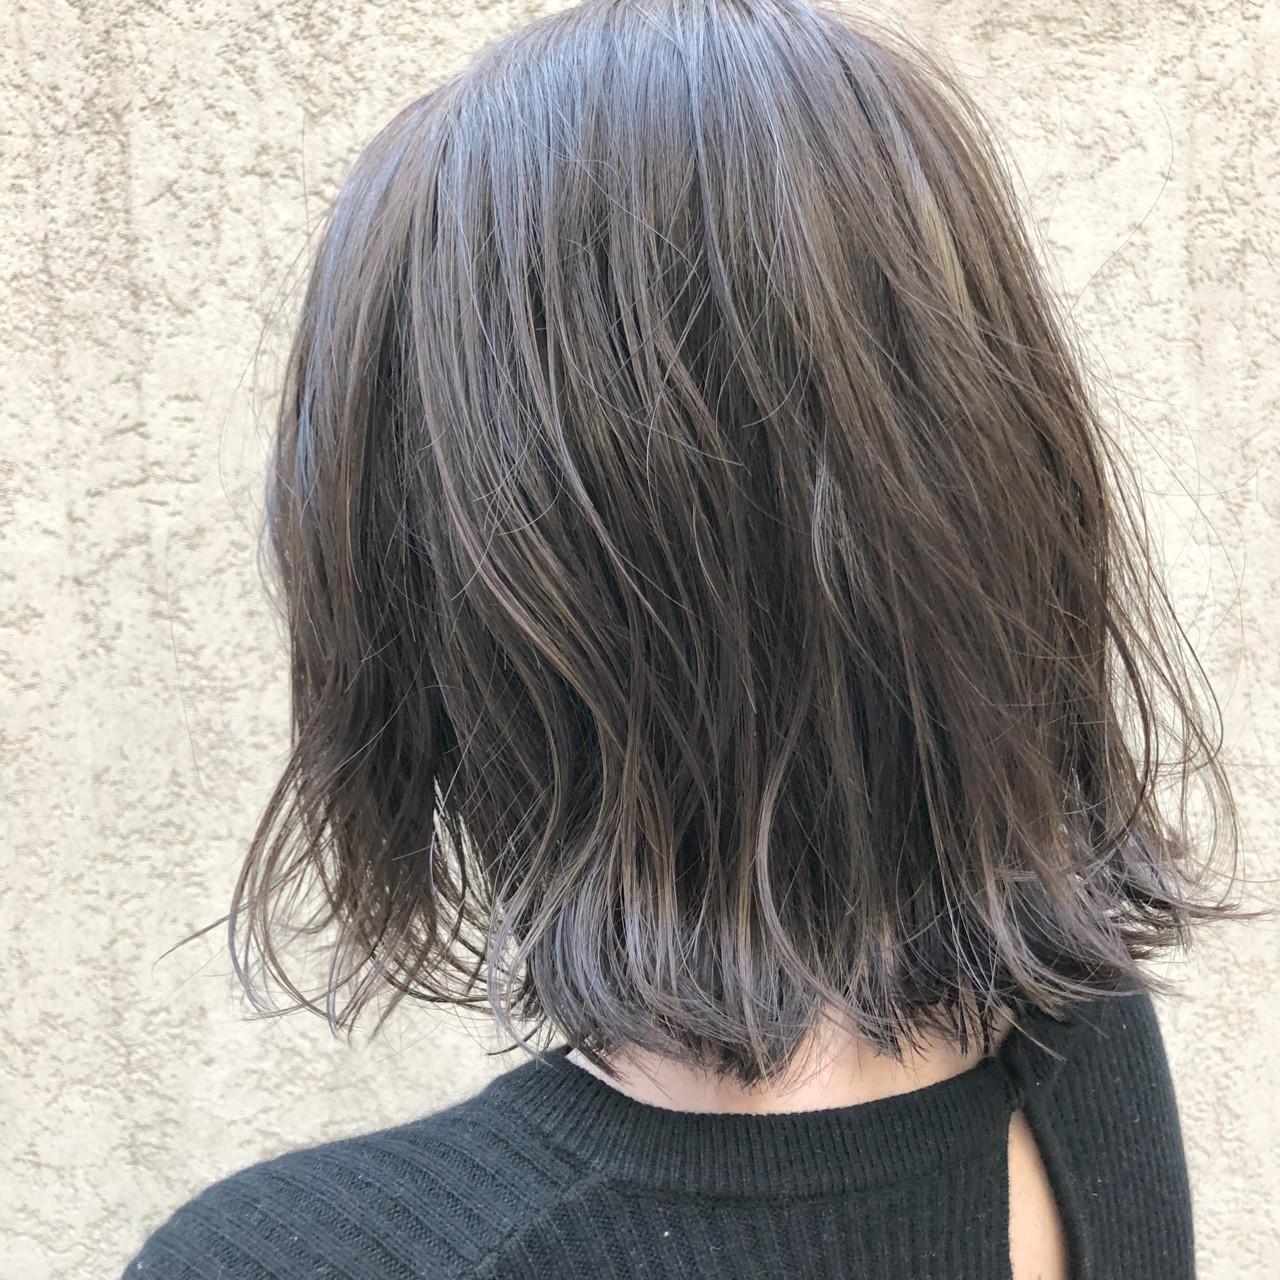 ストリート ボブ アッシュ ウェーブ ヘアスタイルや髪型の写真・画像